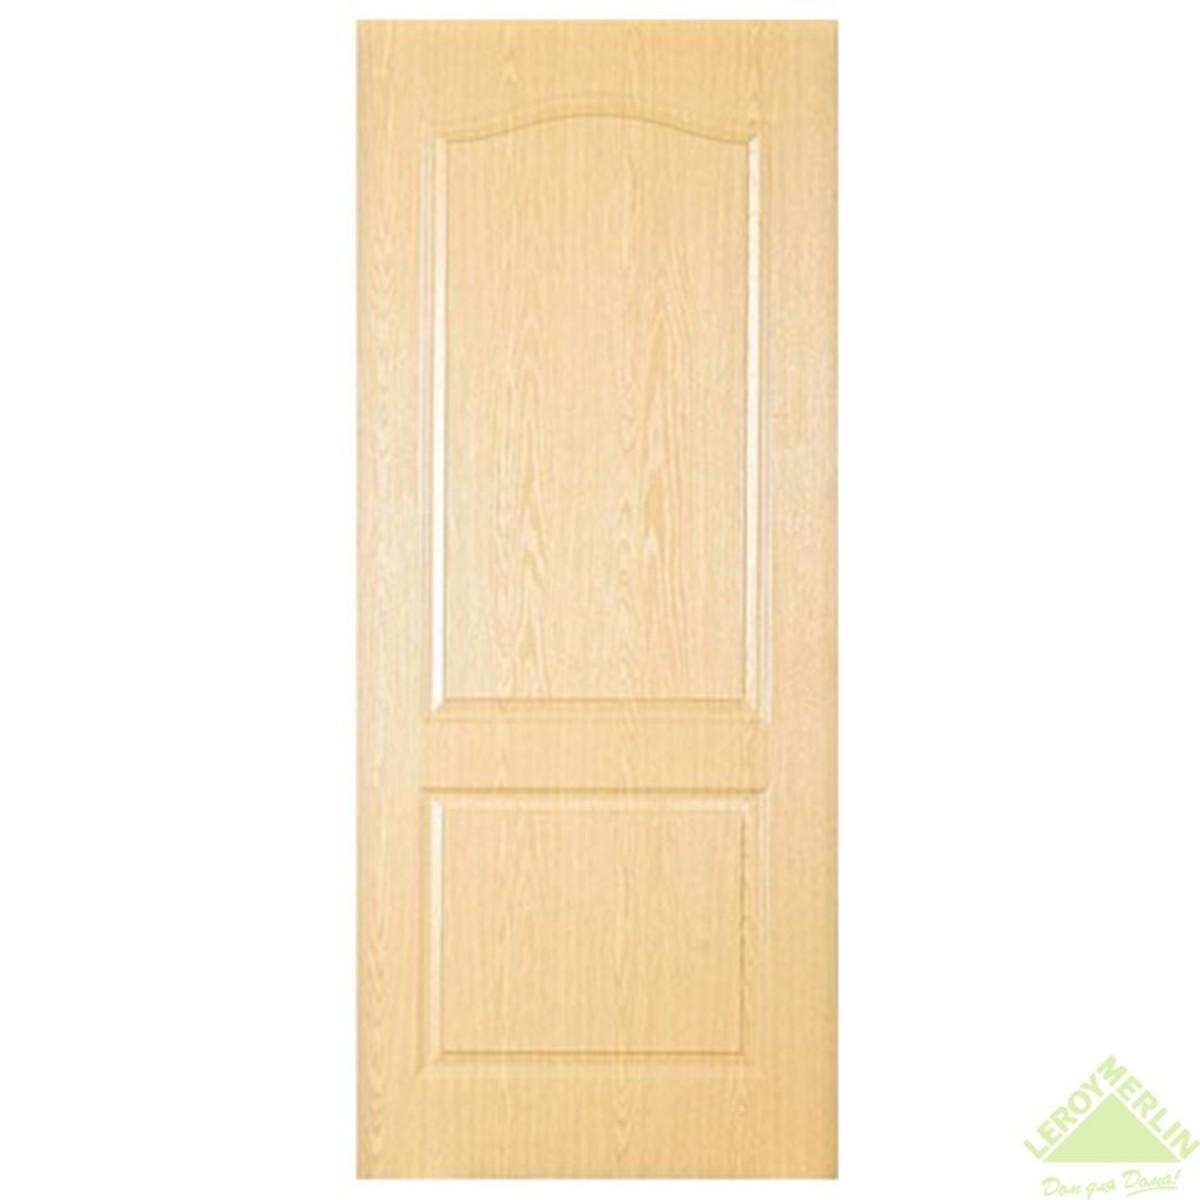 Дверь Межкомнатная Глухая Палитра 70x200 Ламинация Цвет Дуб